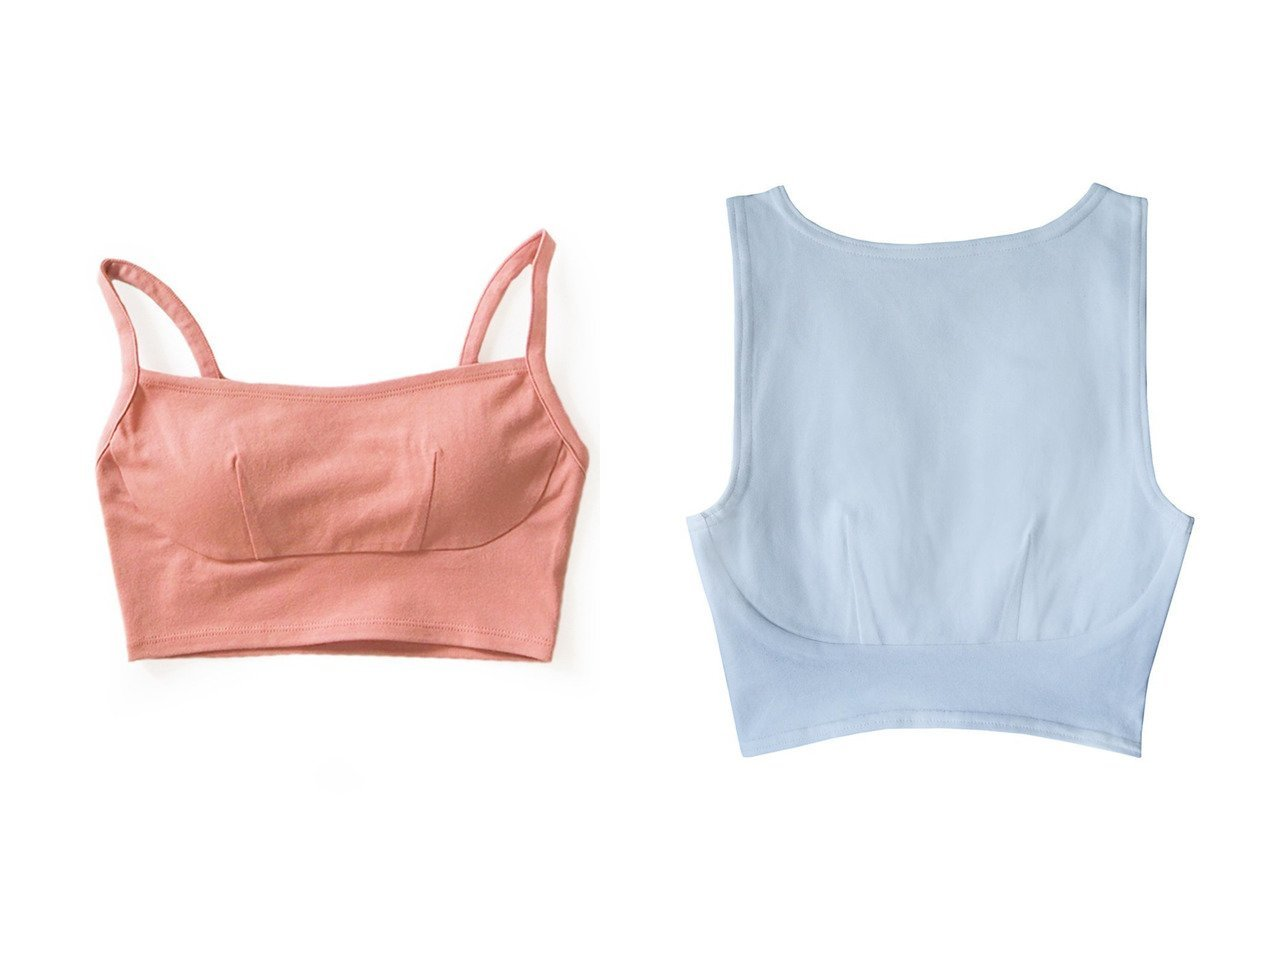 【Women's Health/ウィメンズヘルス】のsquare croptop【hazelle】&box croptop【hazelle】 おすすめ!人気、トレンド・レディースファッションの通販  おすすめで人気の流行・トレンド、ファッションの通販商品 インテリア・家具・メンズファッション・キッズファッション・レディースファッション・服の通販 founy(ファニー) https://founy.com/ ファッション Fashion レディースファッション WOMEN 下着・ランジェリー Underwear その他インナー・ランジェリー Other lingerie オーガニック ブラジャー ランジェリー ワイヤー 再入荷 Restock/Back in Stock/Re Arrival  ID:crp329100000063091